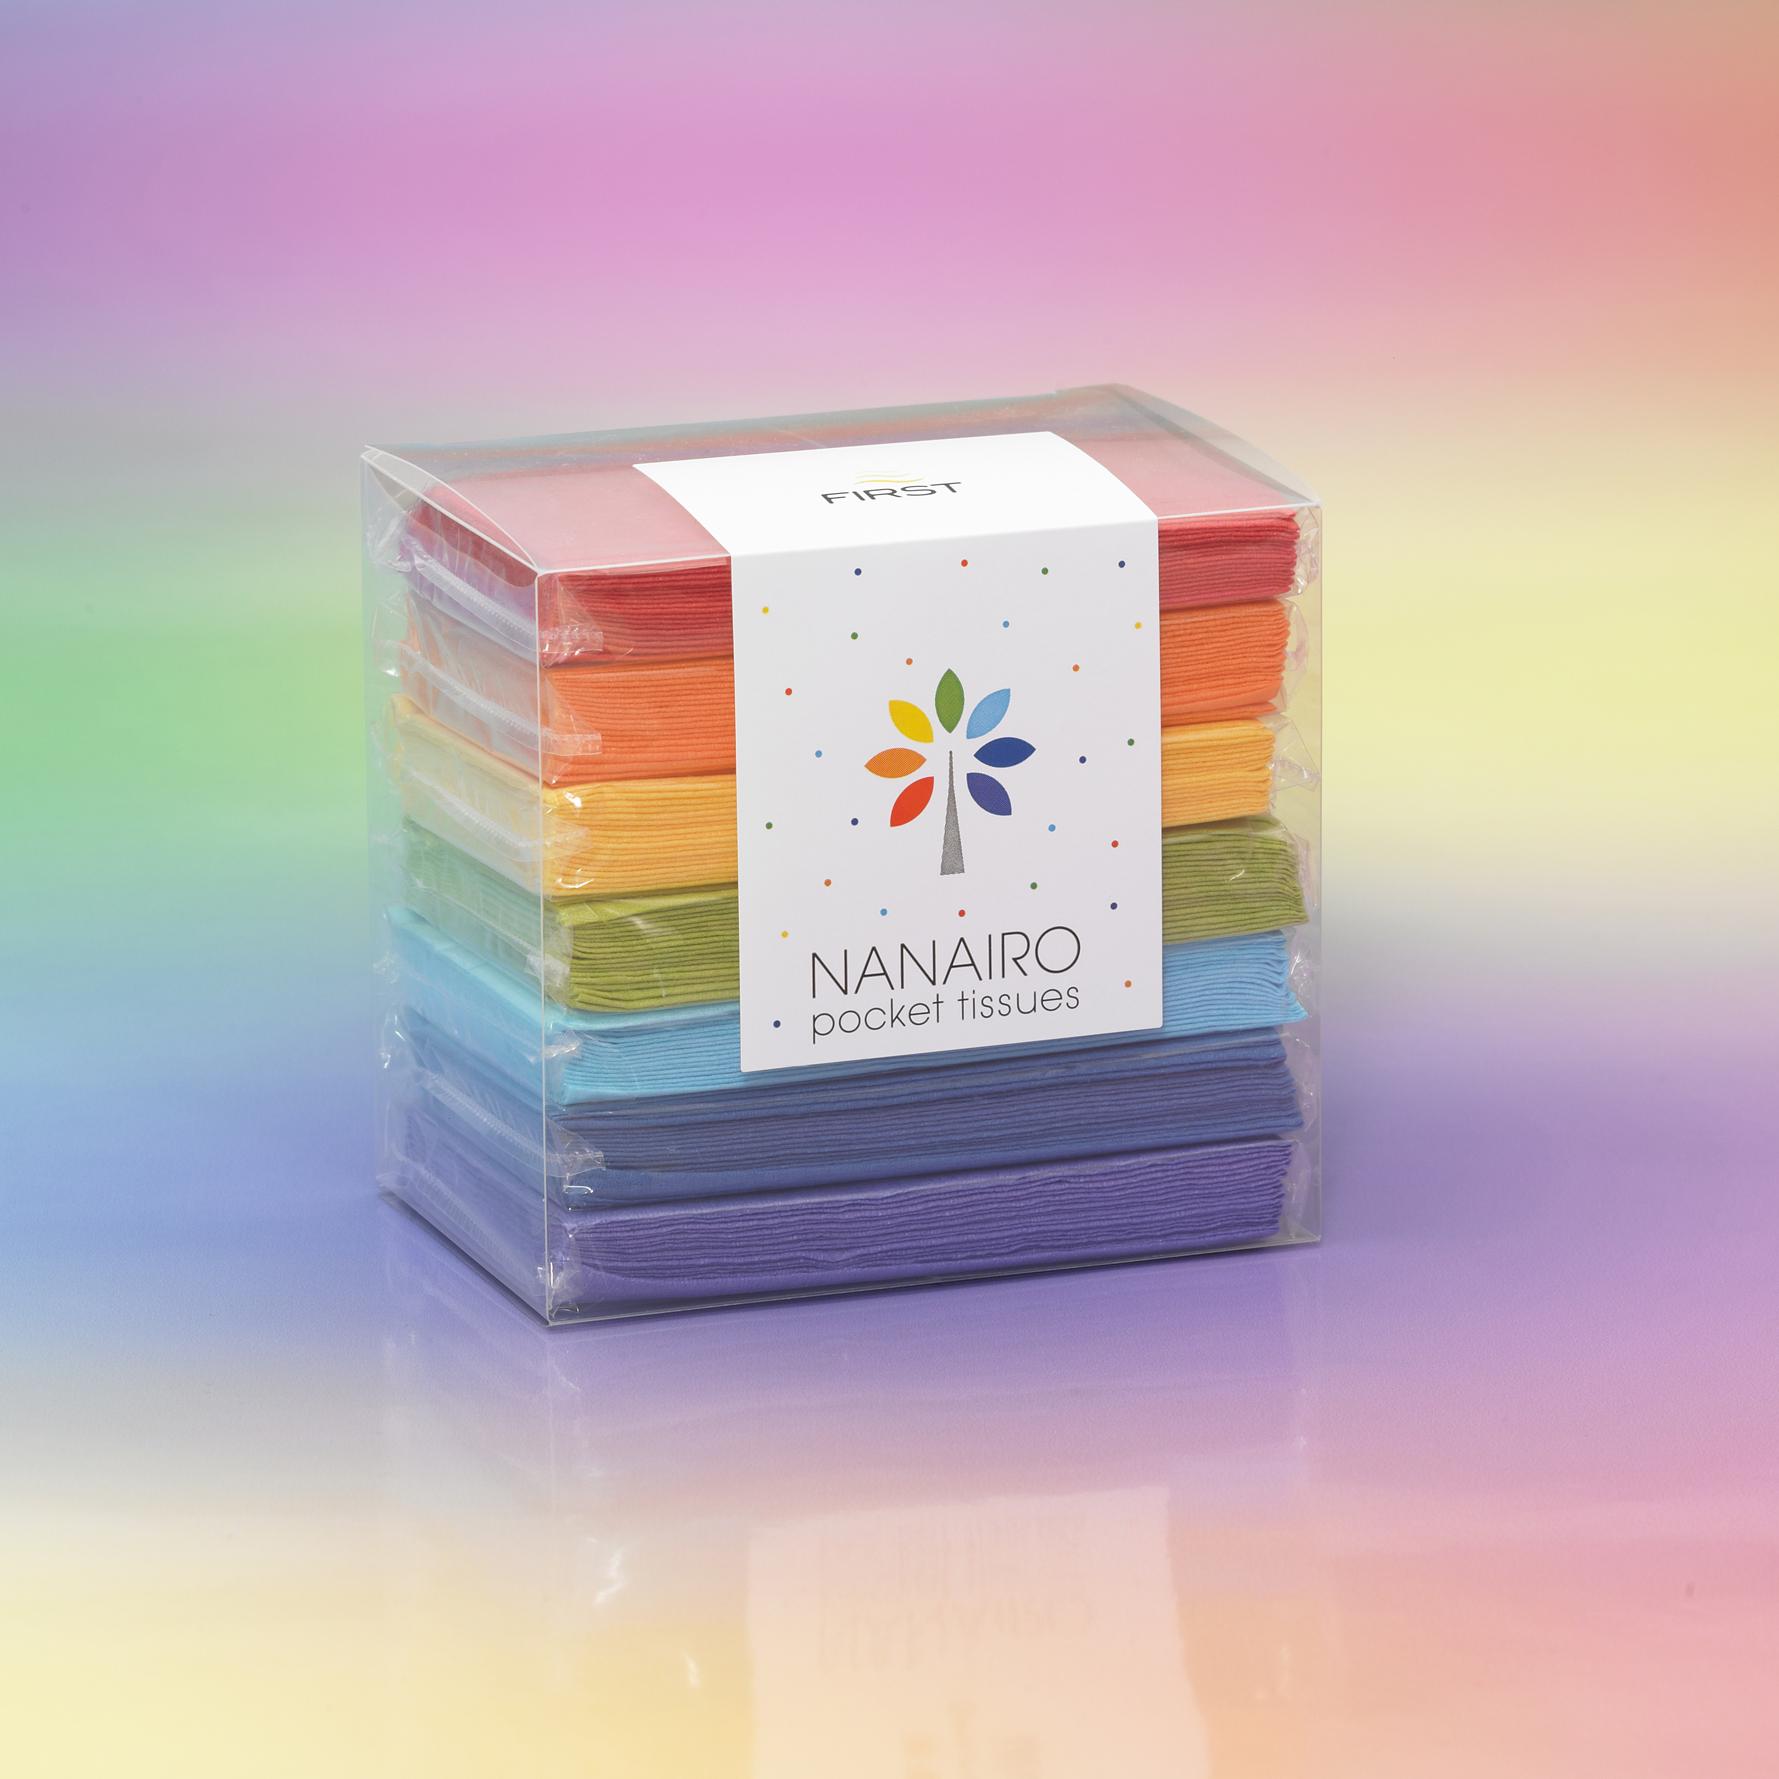 カラフル ポケットティッシュで日常生活に彩りを 「NANAIRO pocket tissues」 2013年4月1日(月)より発売開始